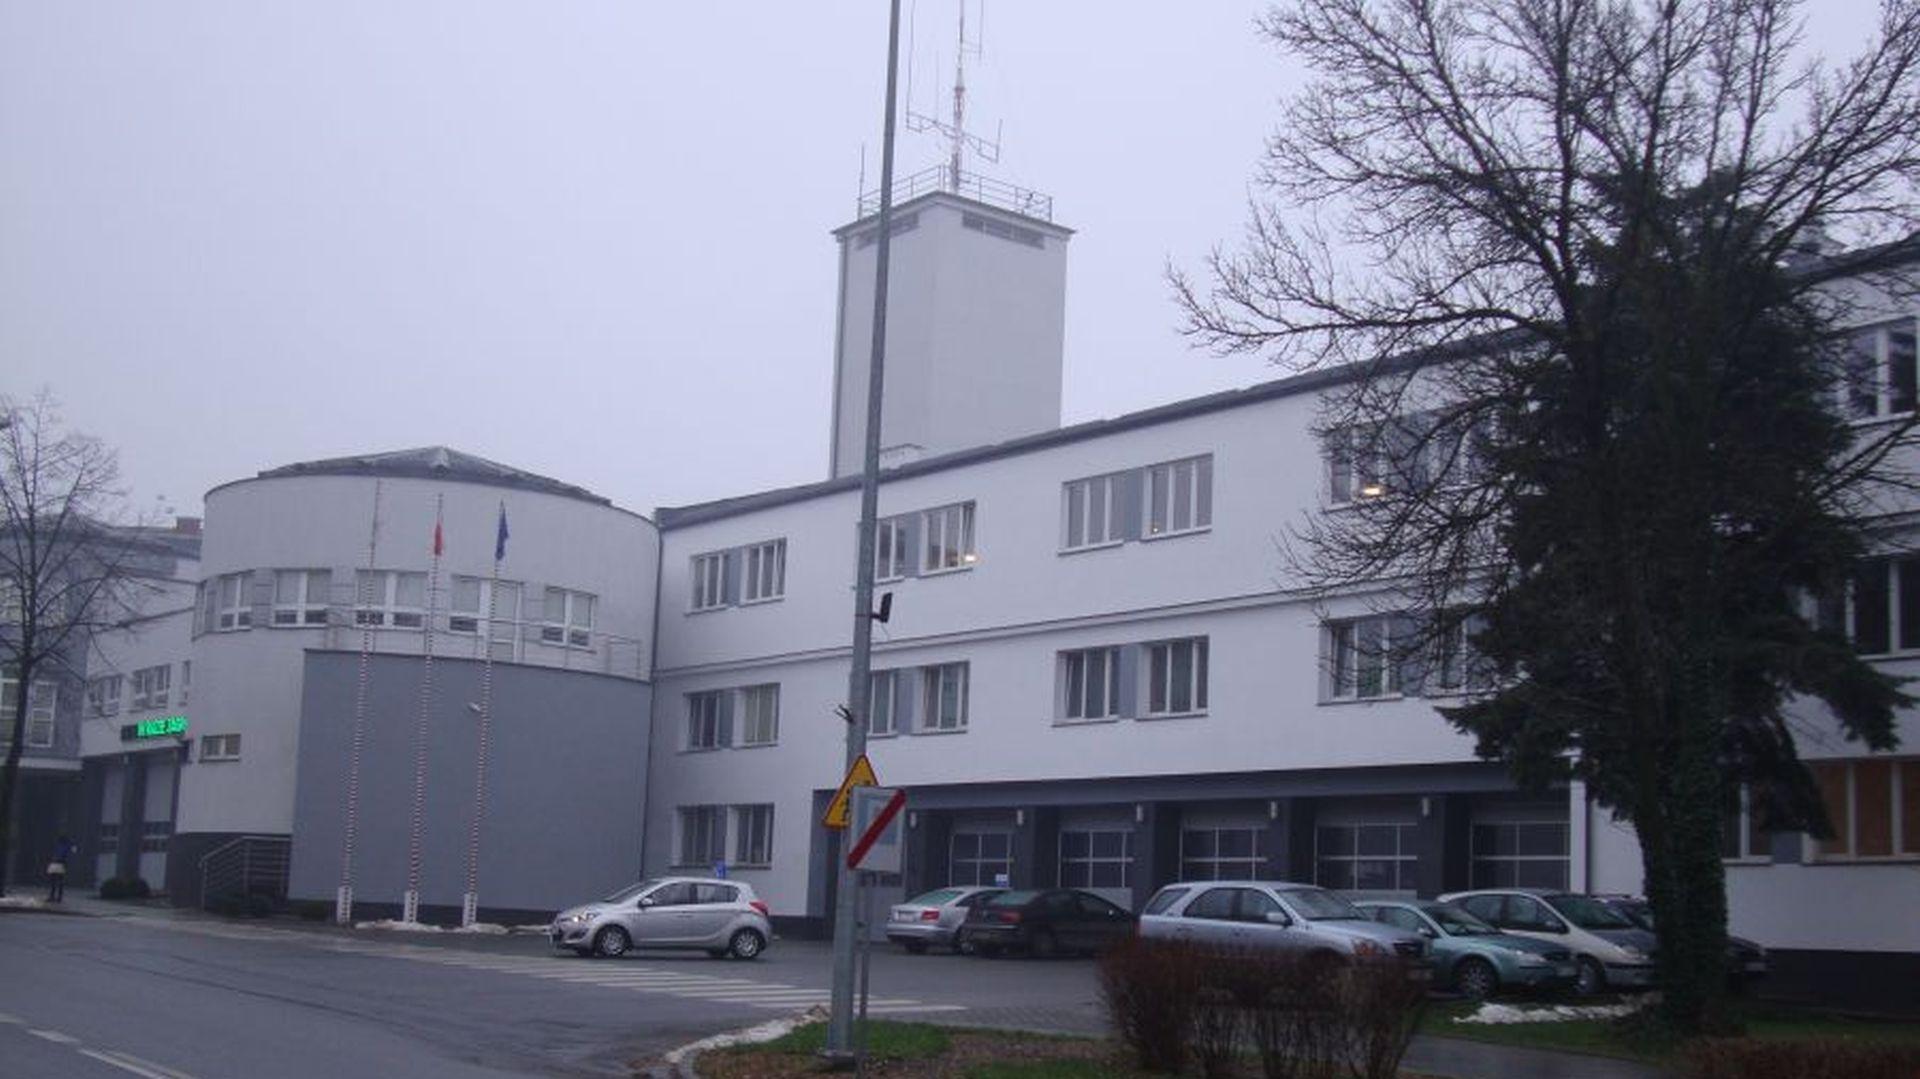 Podpisanie umowy z MSWiA na modernizację ściany wizyjnej dla Centrum Powiadamiania Ratunkowego w Radomiu